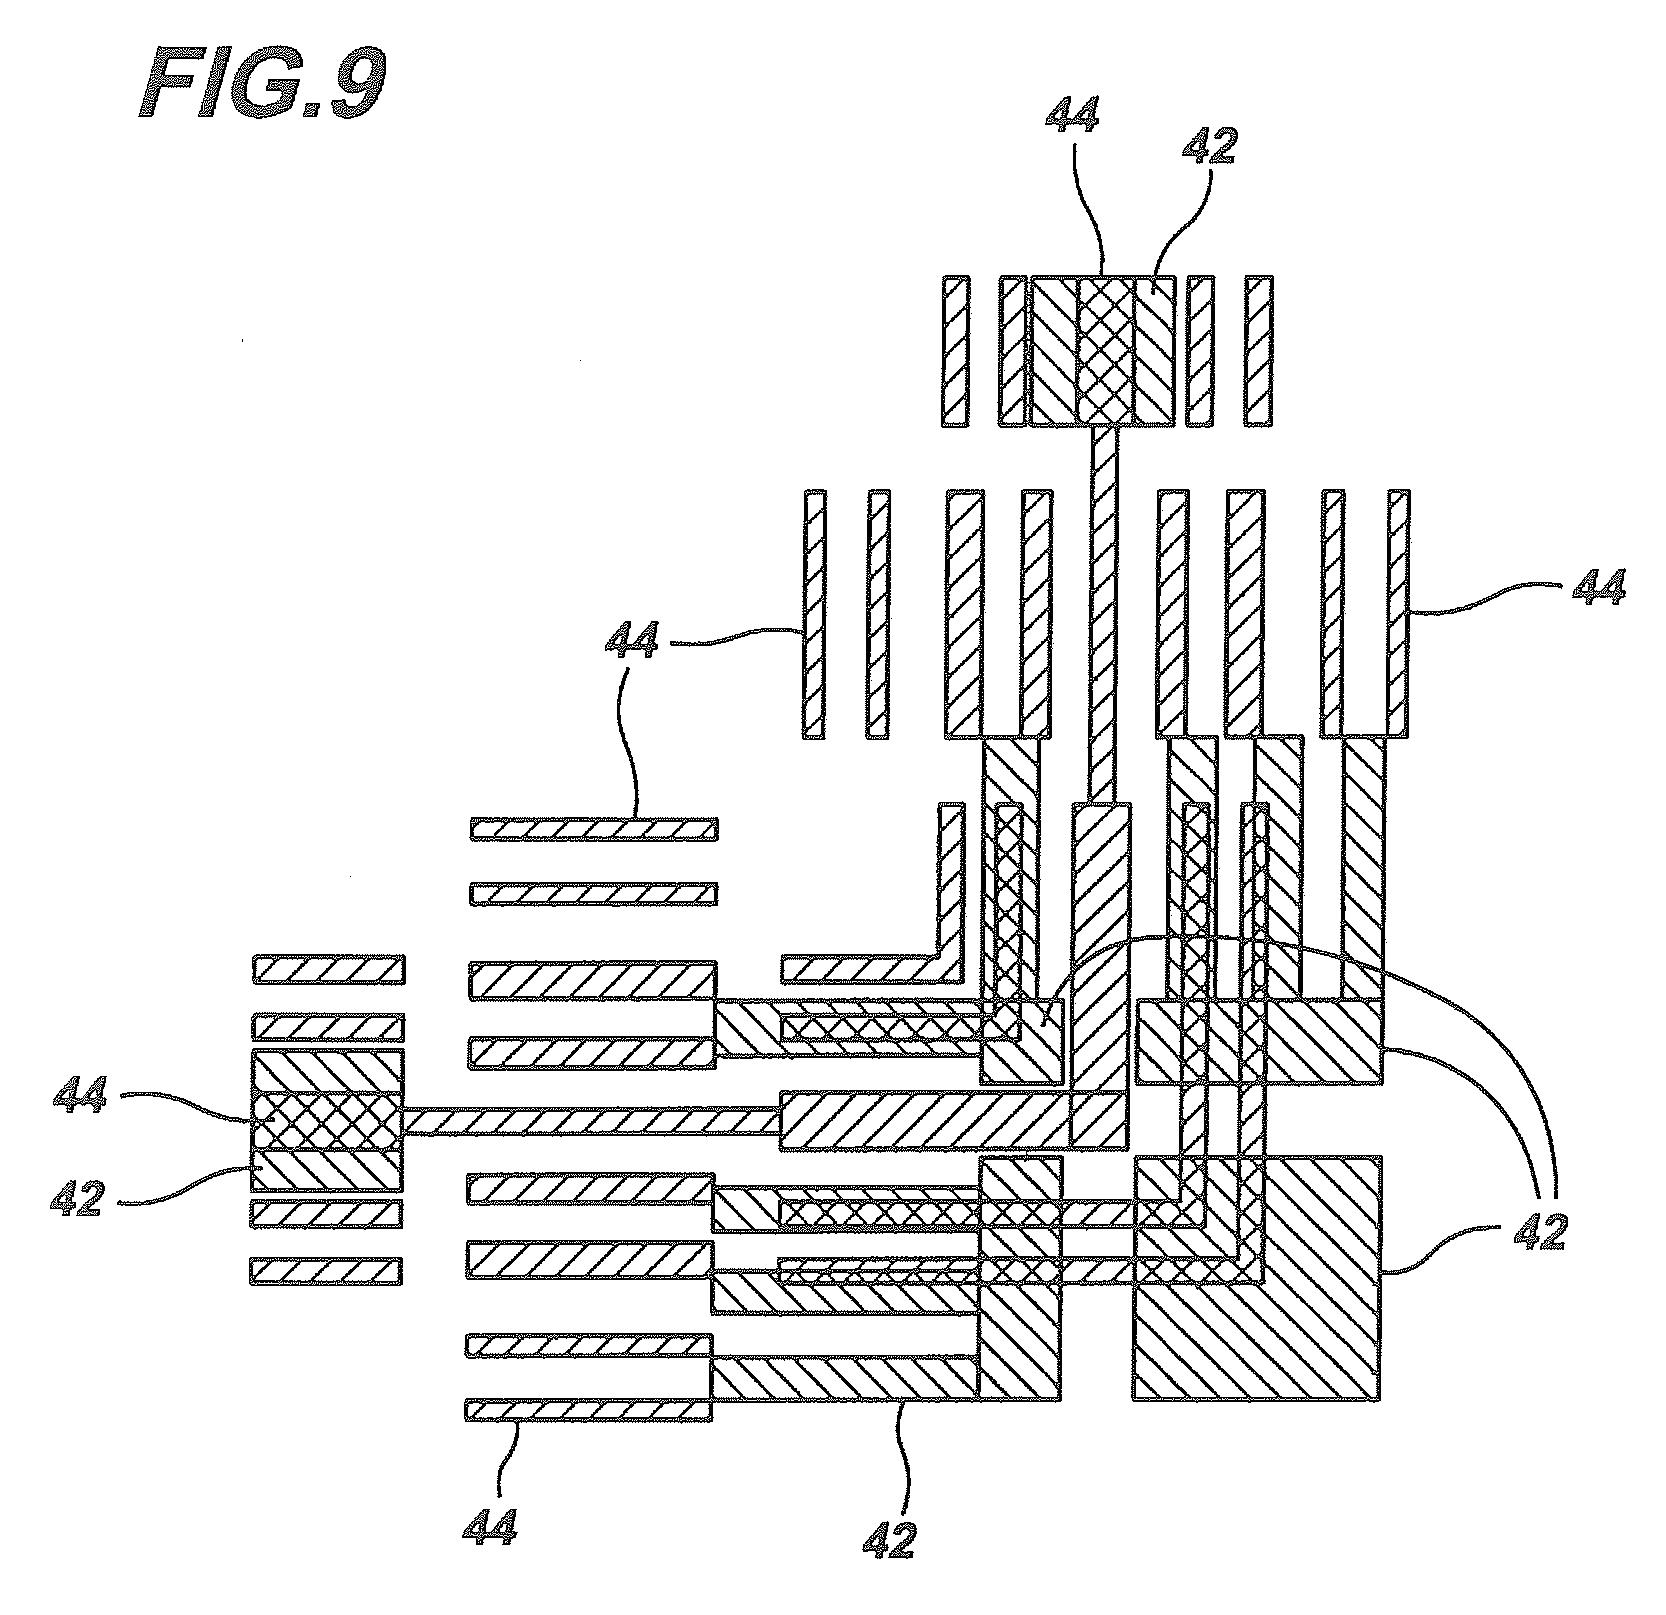 patent us20100190096